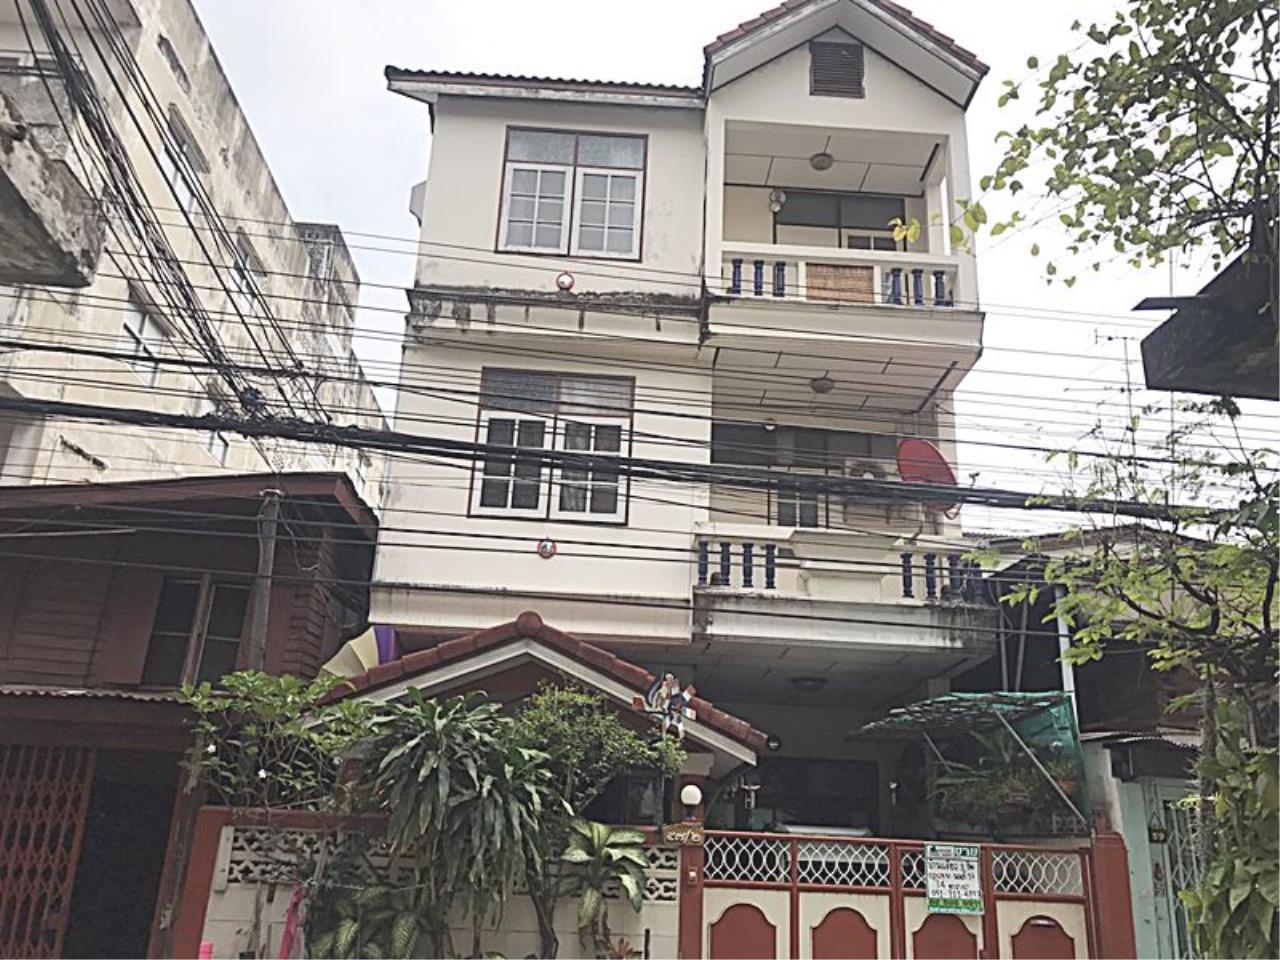 ขาย บ้าน แขวงบางซื่อ เขตบางซื่อ กรุงเทพมหานคร, ภาพที่ 3